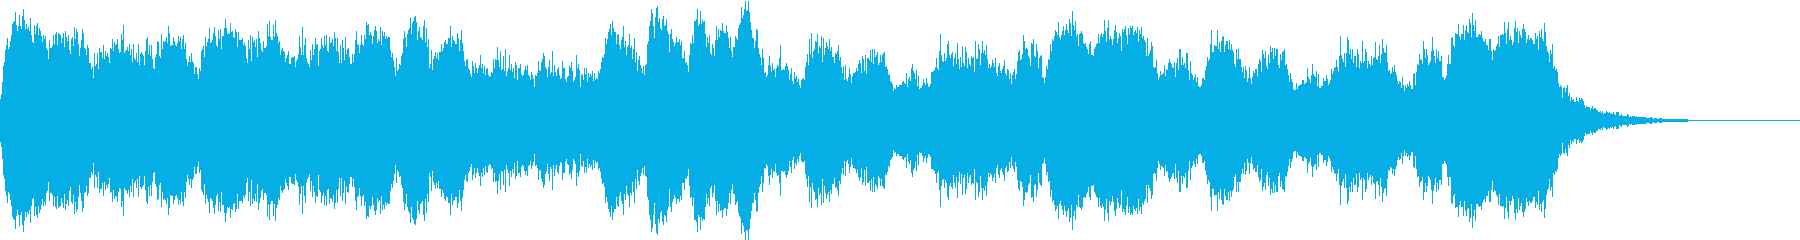 チャイコフスキー 激しさと明るさの再生済みの波形